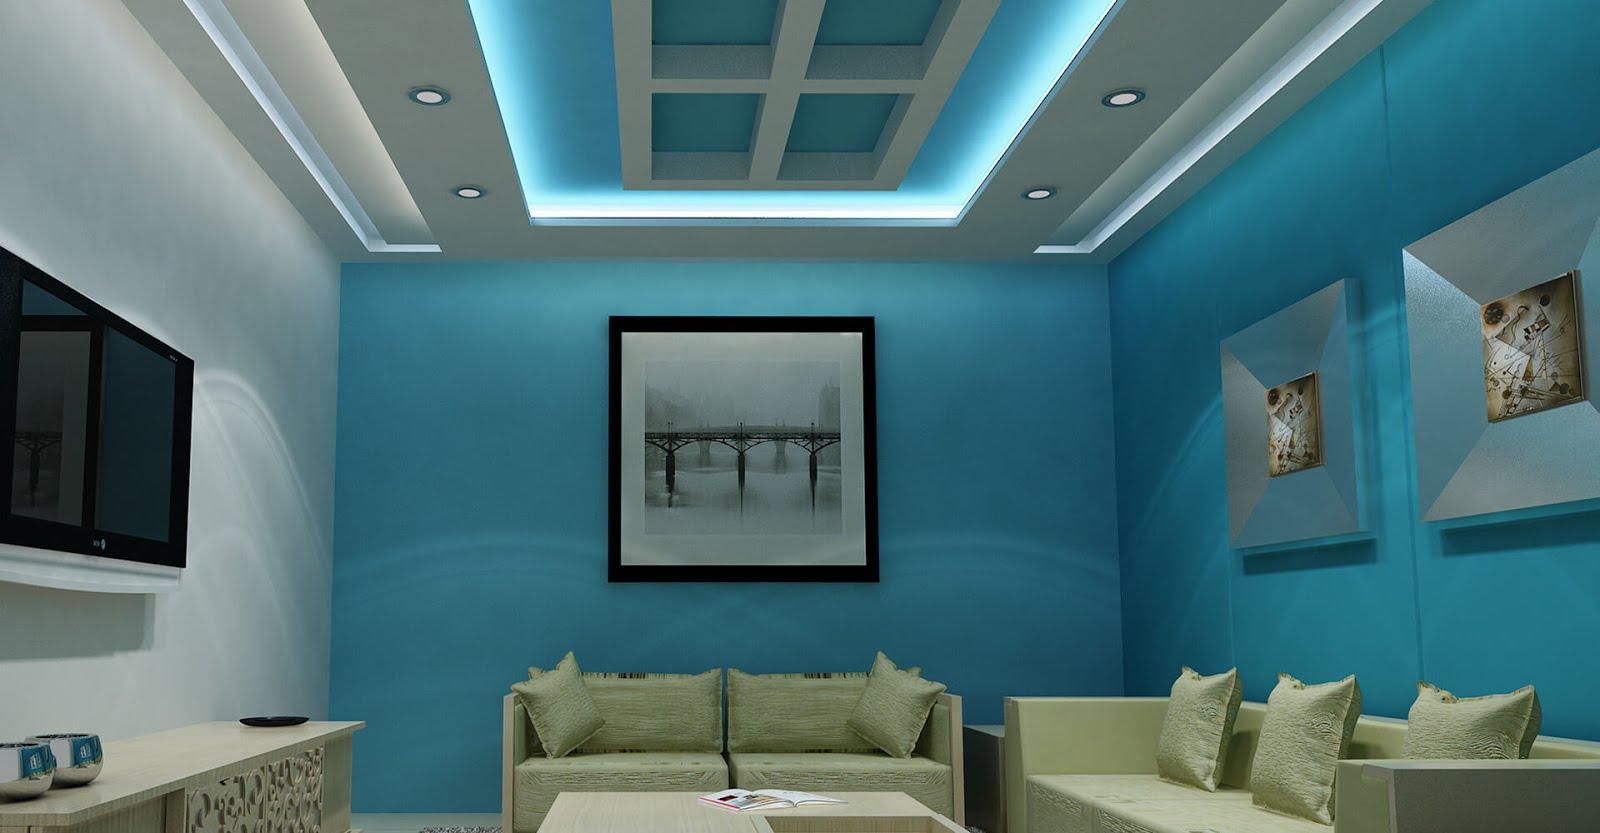 Design decor disha an indian design decor blog - False ceiling designs for living room price ...